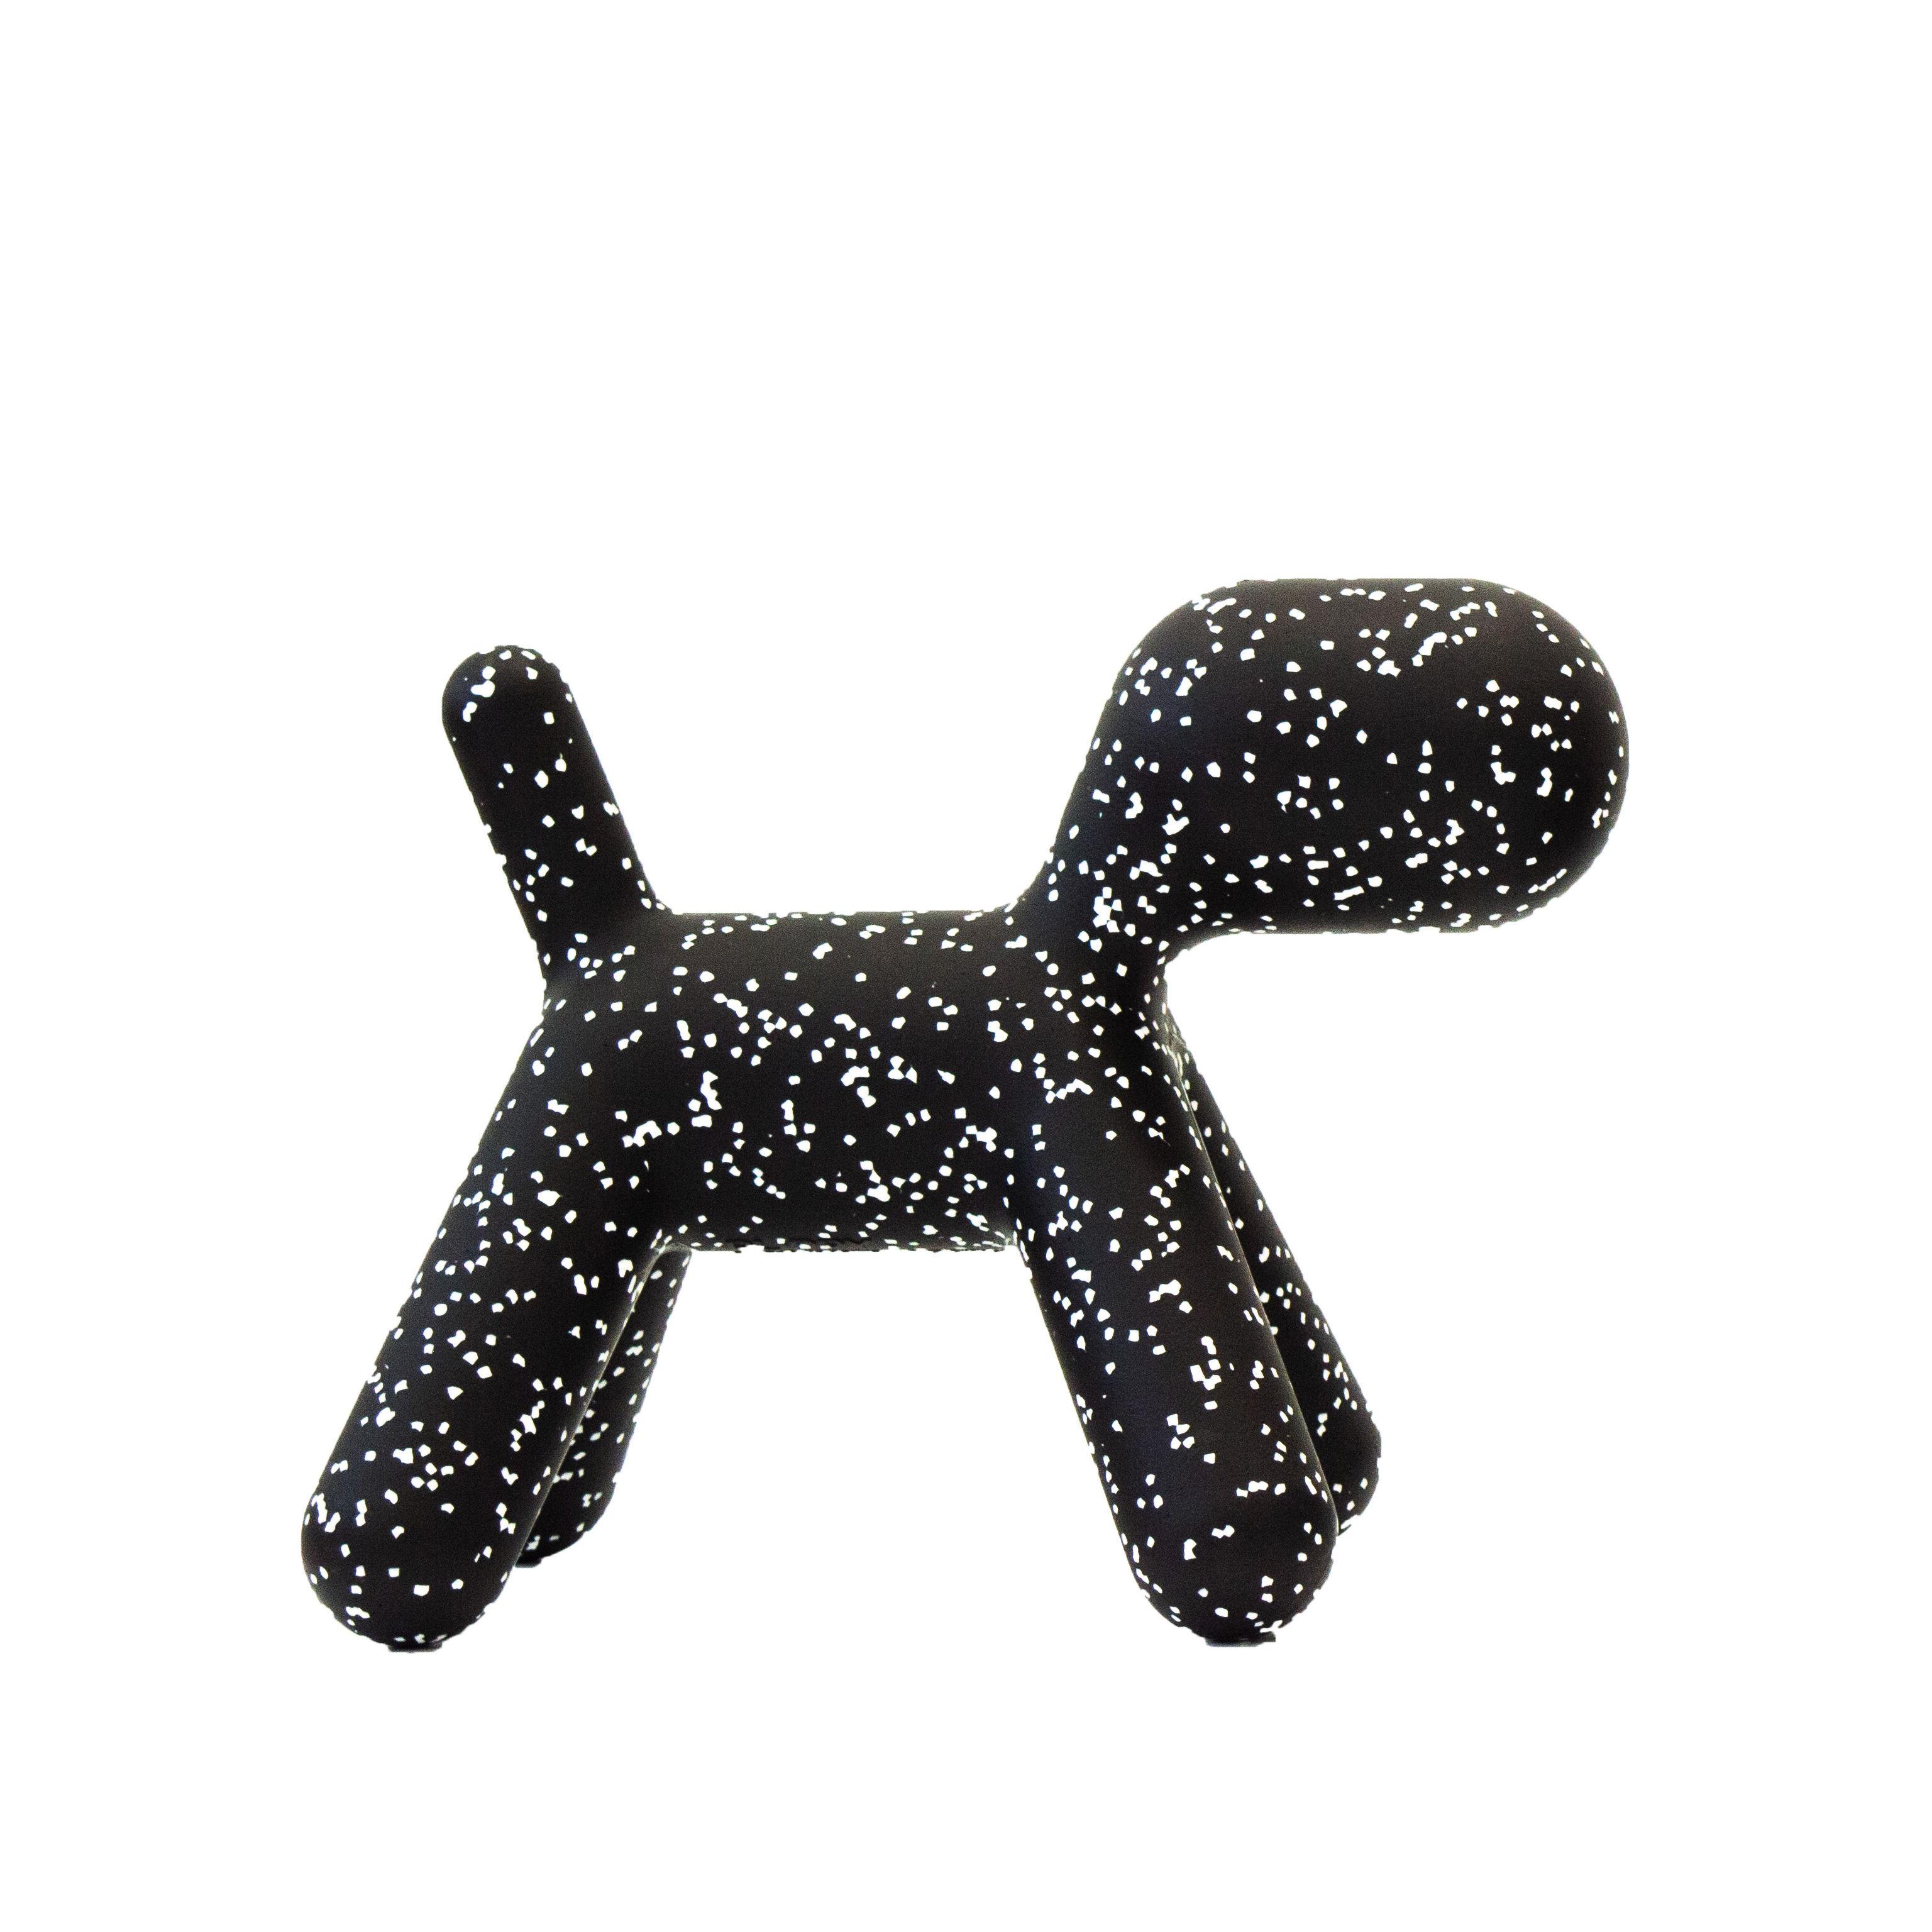 Mobilier - Mobilier Kids - Décoration Puppy Small / L 42 cm - Edition limitée Noël 2019 - Magis Collection Me Too - Noir / Tâches blanches - Polyéthylène rotomoulé